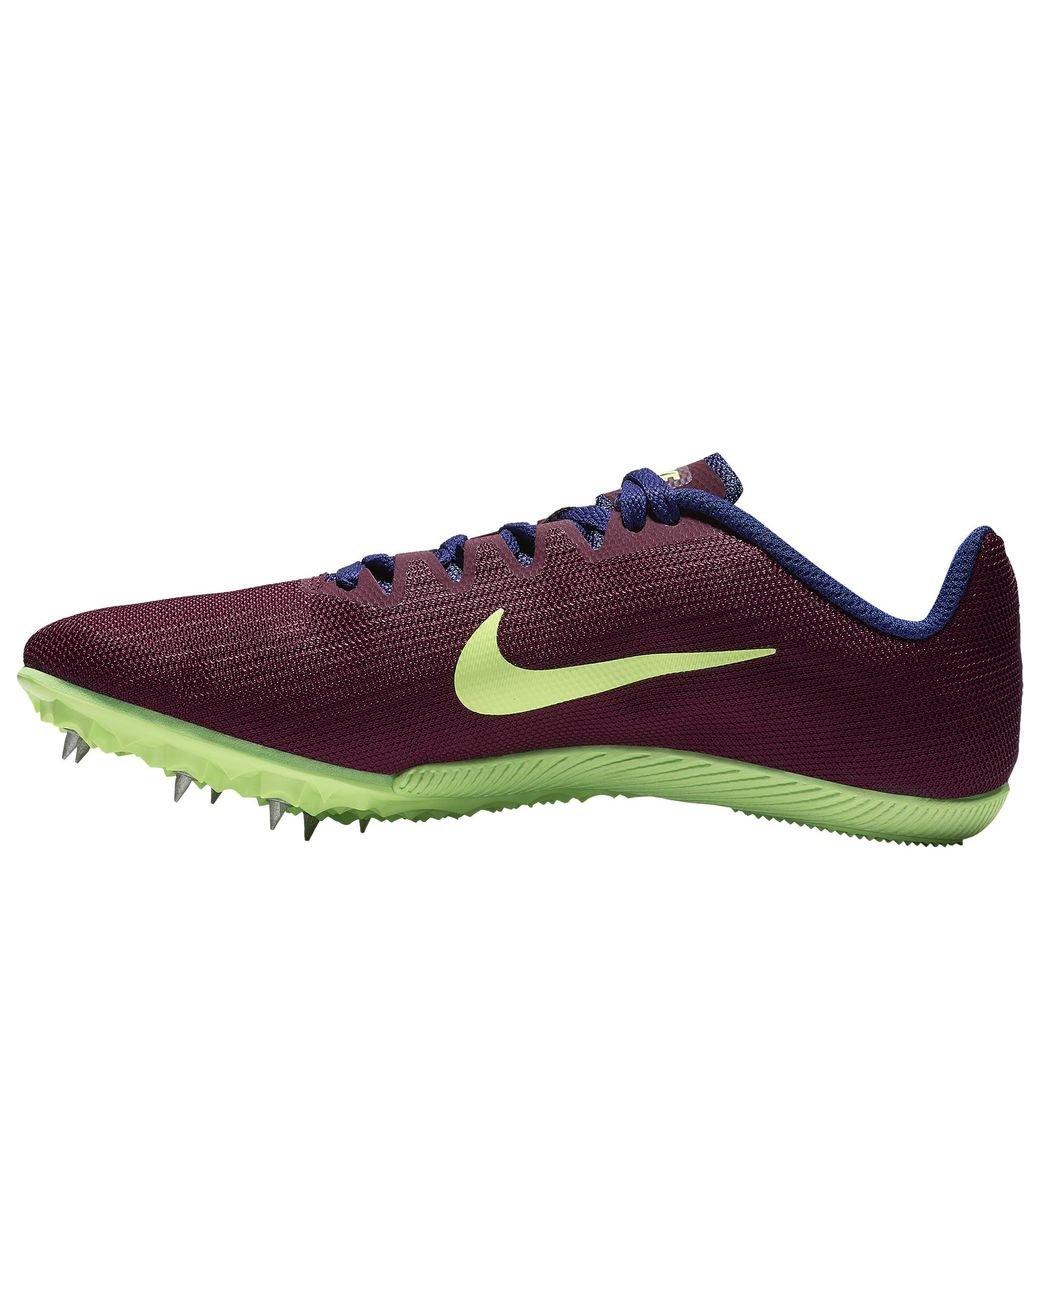 Nike Zoom Rival M 9 Track Spike Schuhe Damen Bordeaux